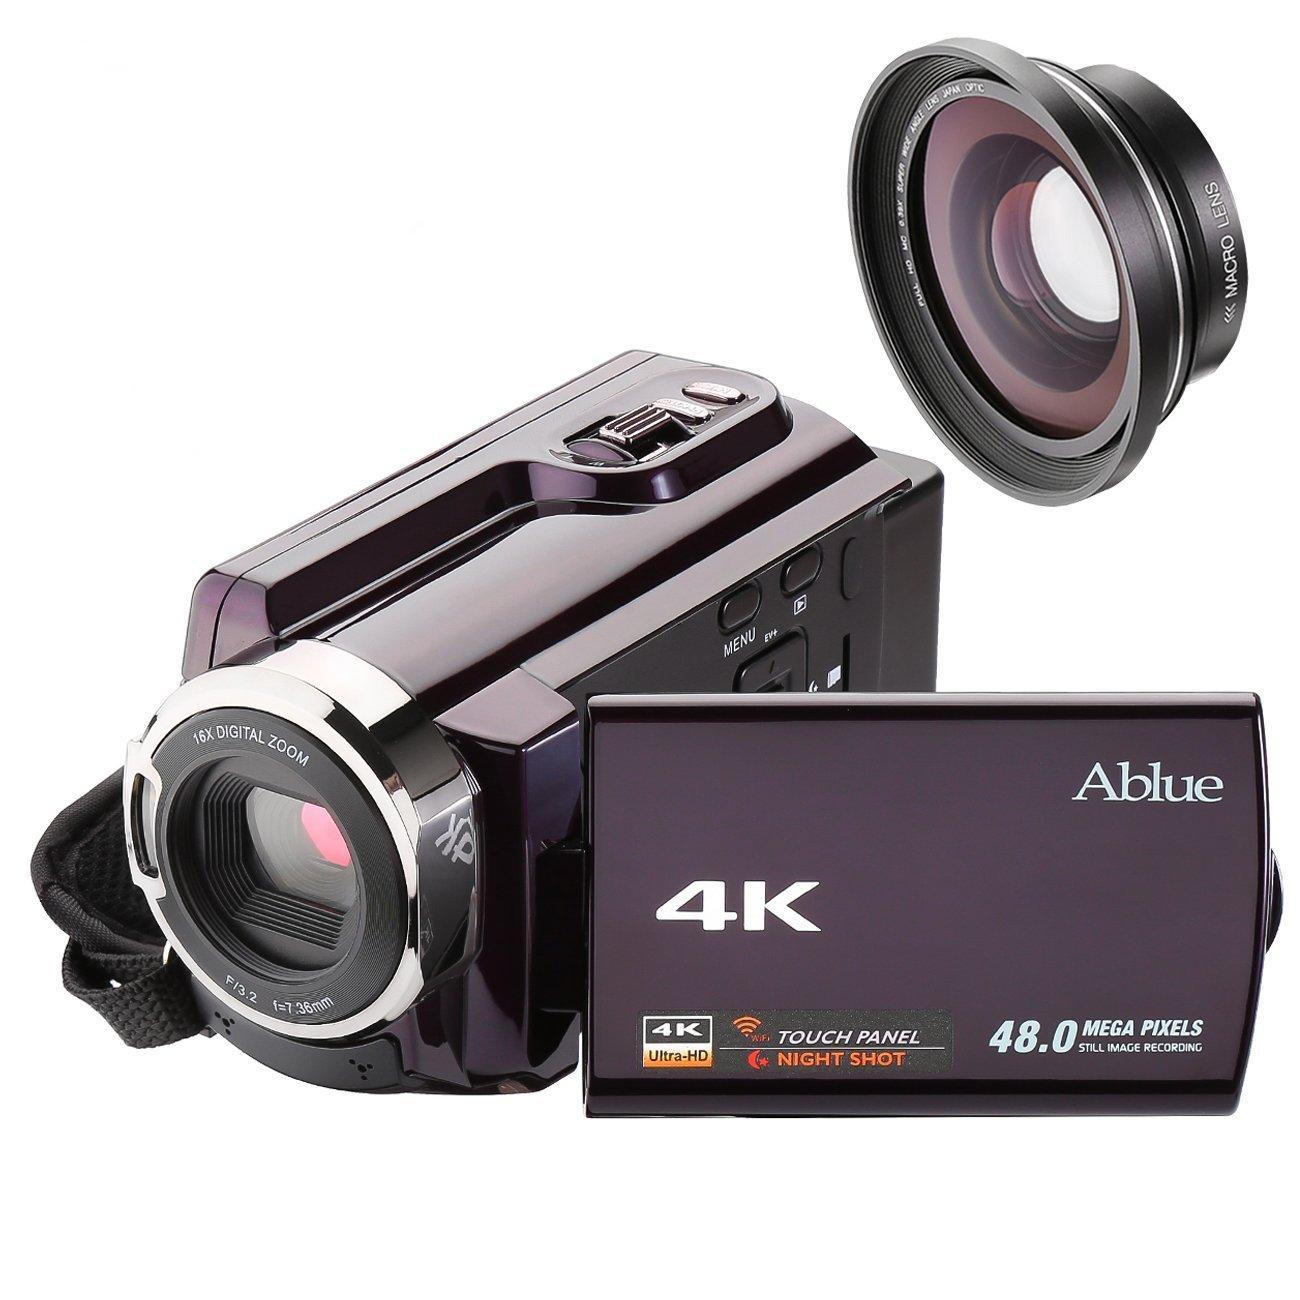 Cámara Videocámara, ablue 4K Ultra HD portátil 30fps WiFi Cámara de vídeo digital, 3,0pulgadas pantalla táctil capacitiva, IR de visión nocturna Videocámara con lente de gran angular y objetivo macro